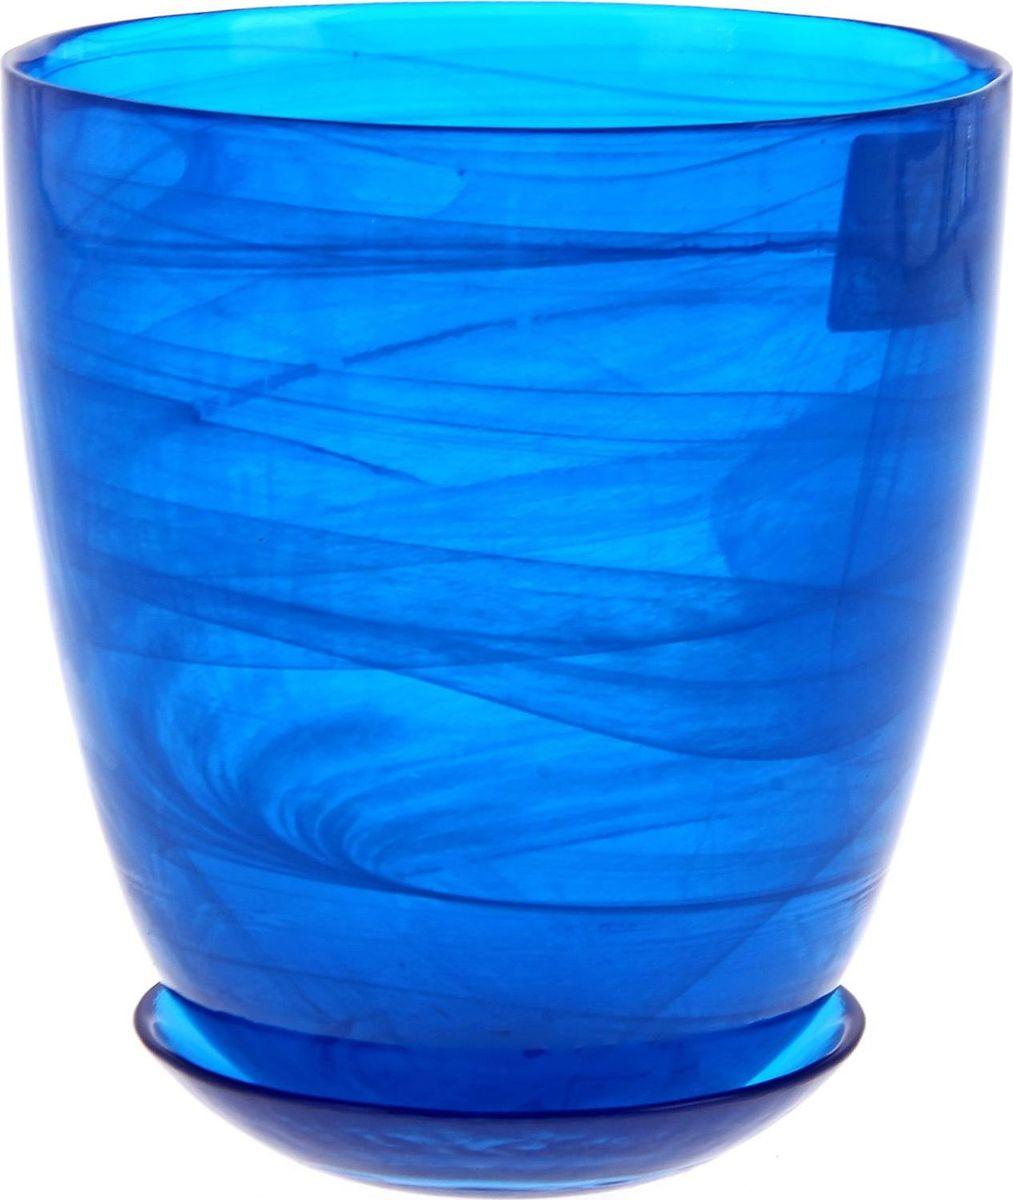 Кашпо NiNaGlass Гармония, с поддоном, цвет: синий, 2 л607697Кашпо с поддоном NiNaGlass Гармония, выполненное из стекла, предназначено для выращивания декоративных растений, цветов и трав. Комнатные растения - всеобщие любимцы. Они радуют глаз, насыщают помещение кислородом и украшают пространство. Каждому цветку необходим свой удобный и красивый дом. Из-за прозрачности стекла такие декоративные кашпо пользуются большой популярностью для выращивания орхидей. Кашпо позаботится о растениях, освежит интерьер и подчеркнет его стиль.